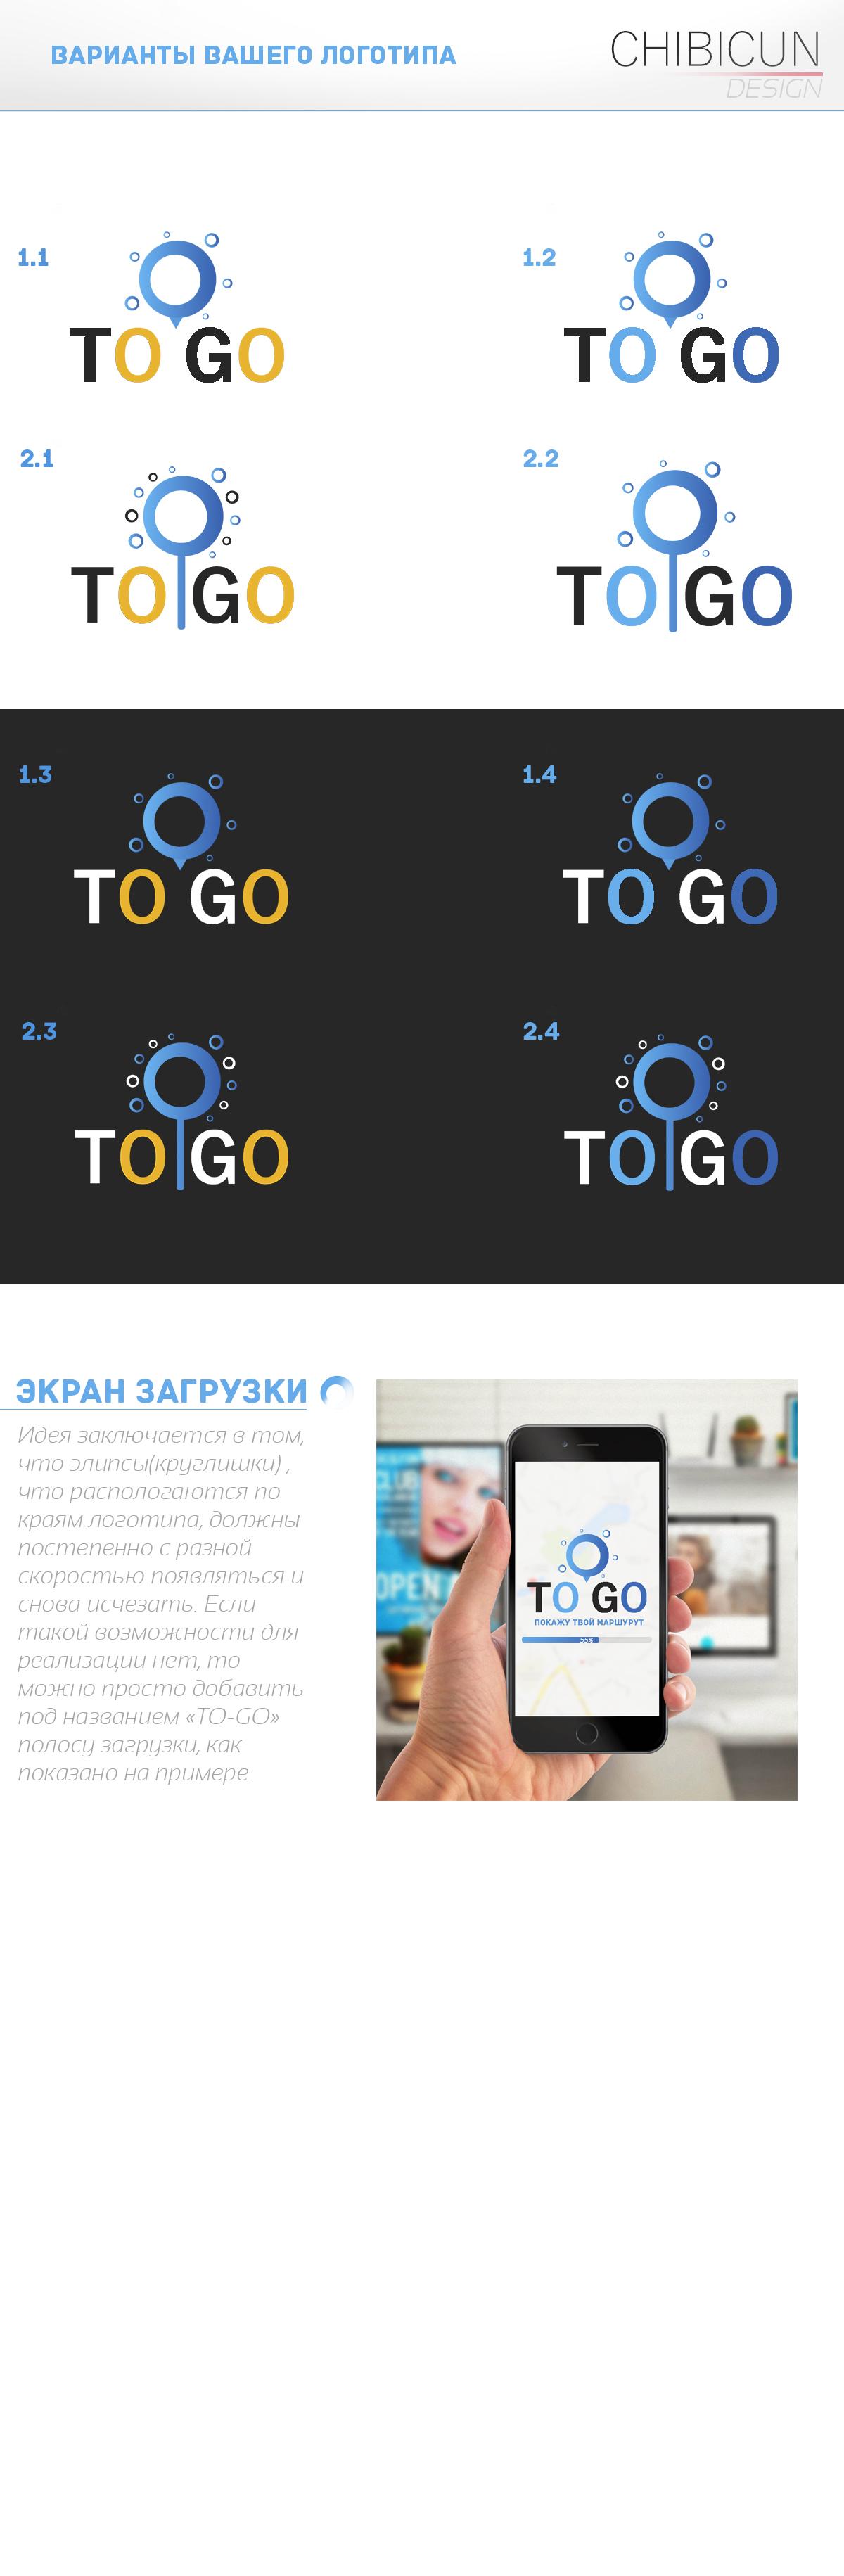 Разработать логотип и экран загрузки приложения фото f_0445a82ba8140acd.jpg